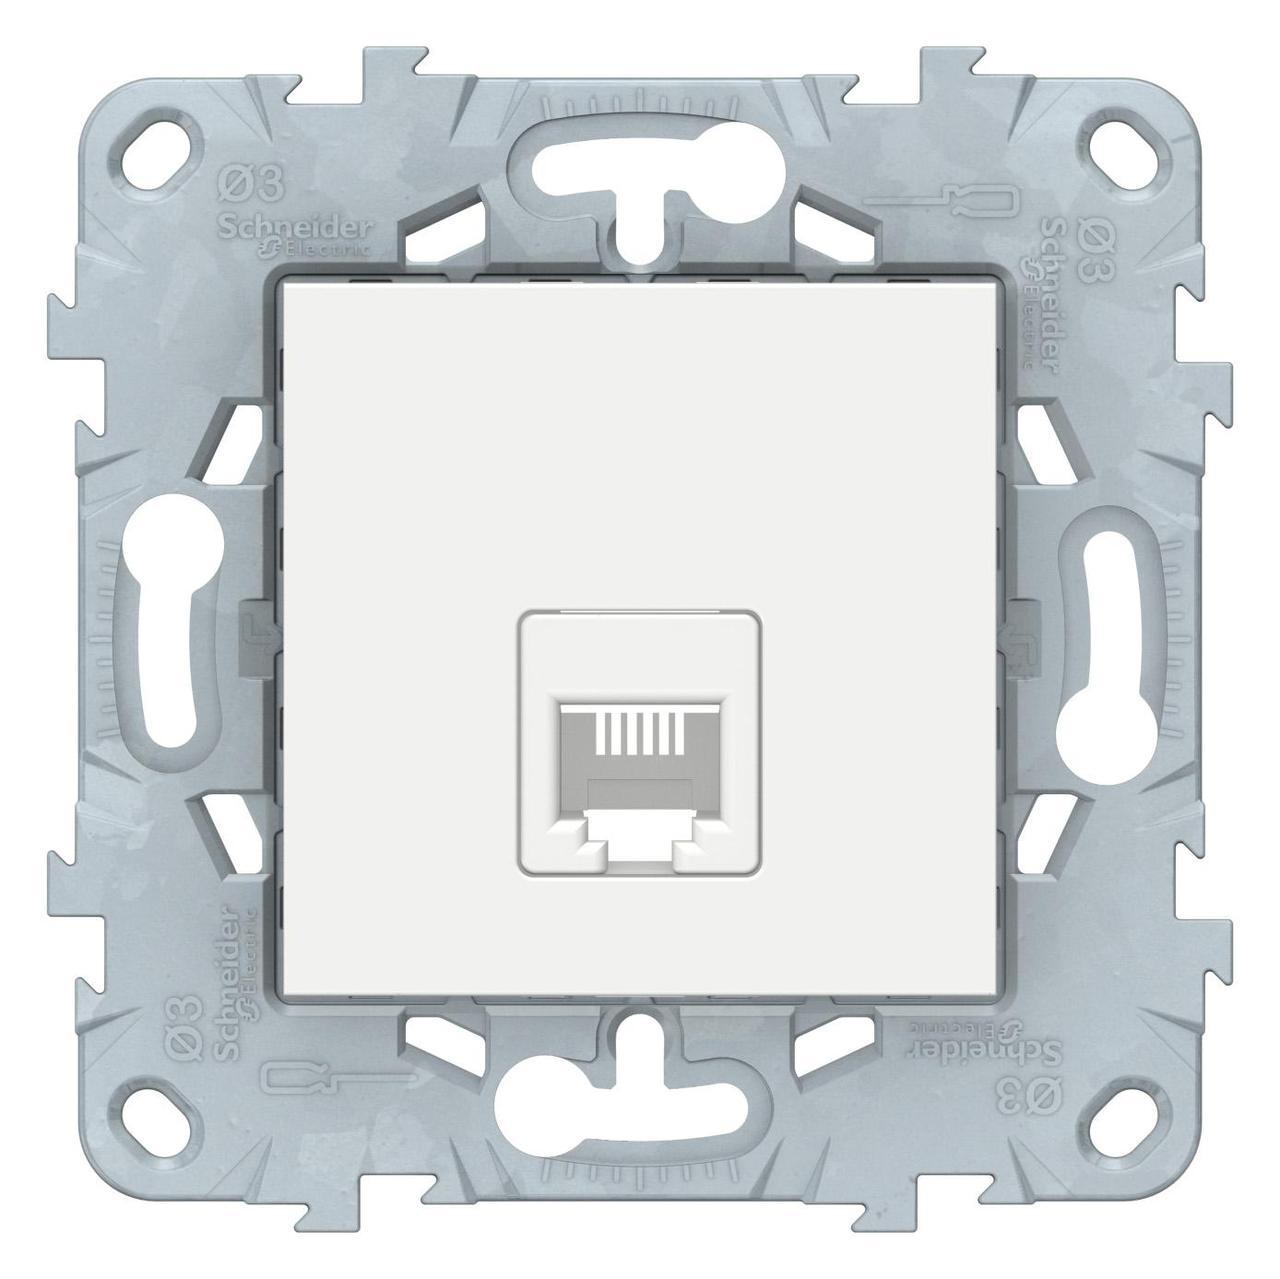 Розетка телефонная 1-ая 4 контакта, RJ-11 , Белый, серия Unica New, Schneider Electric